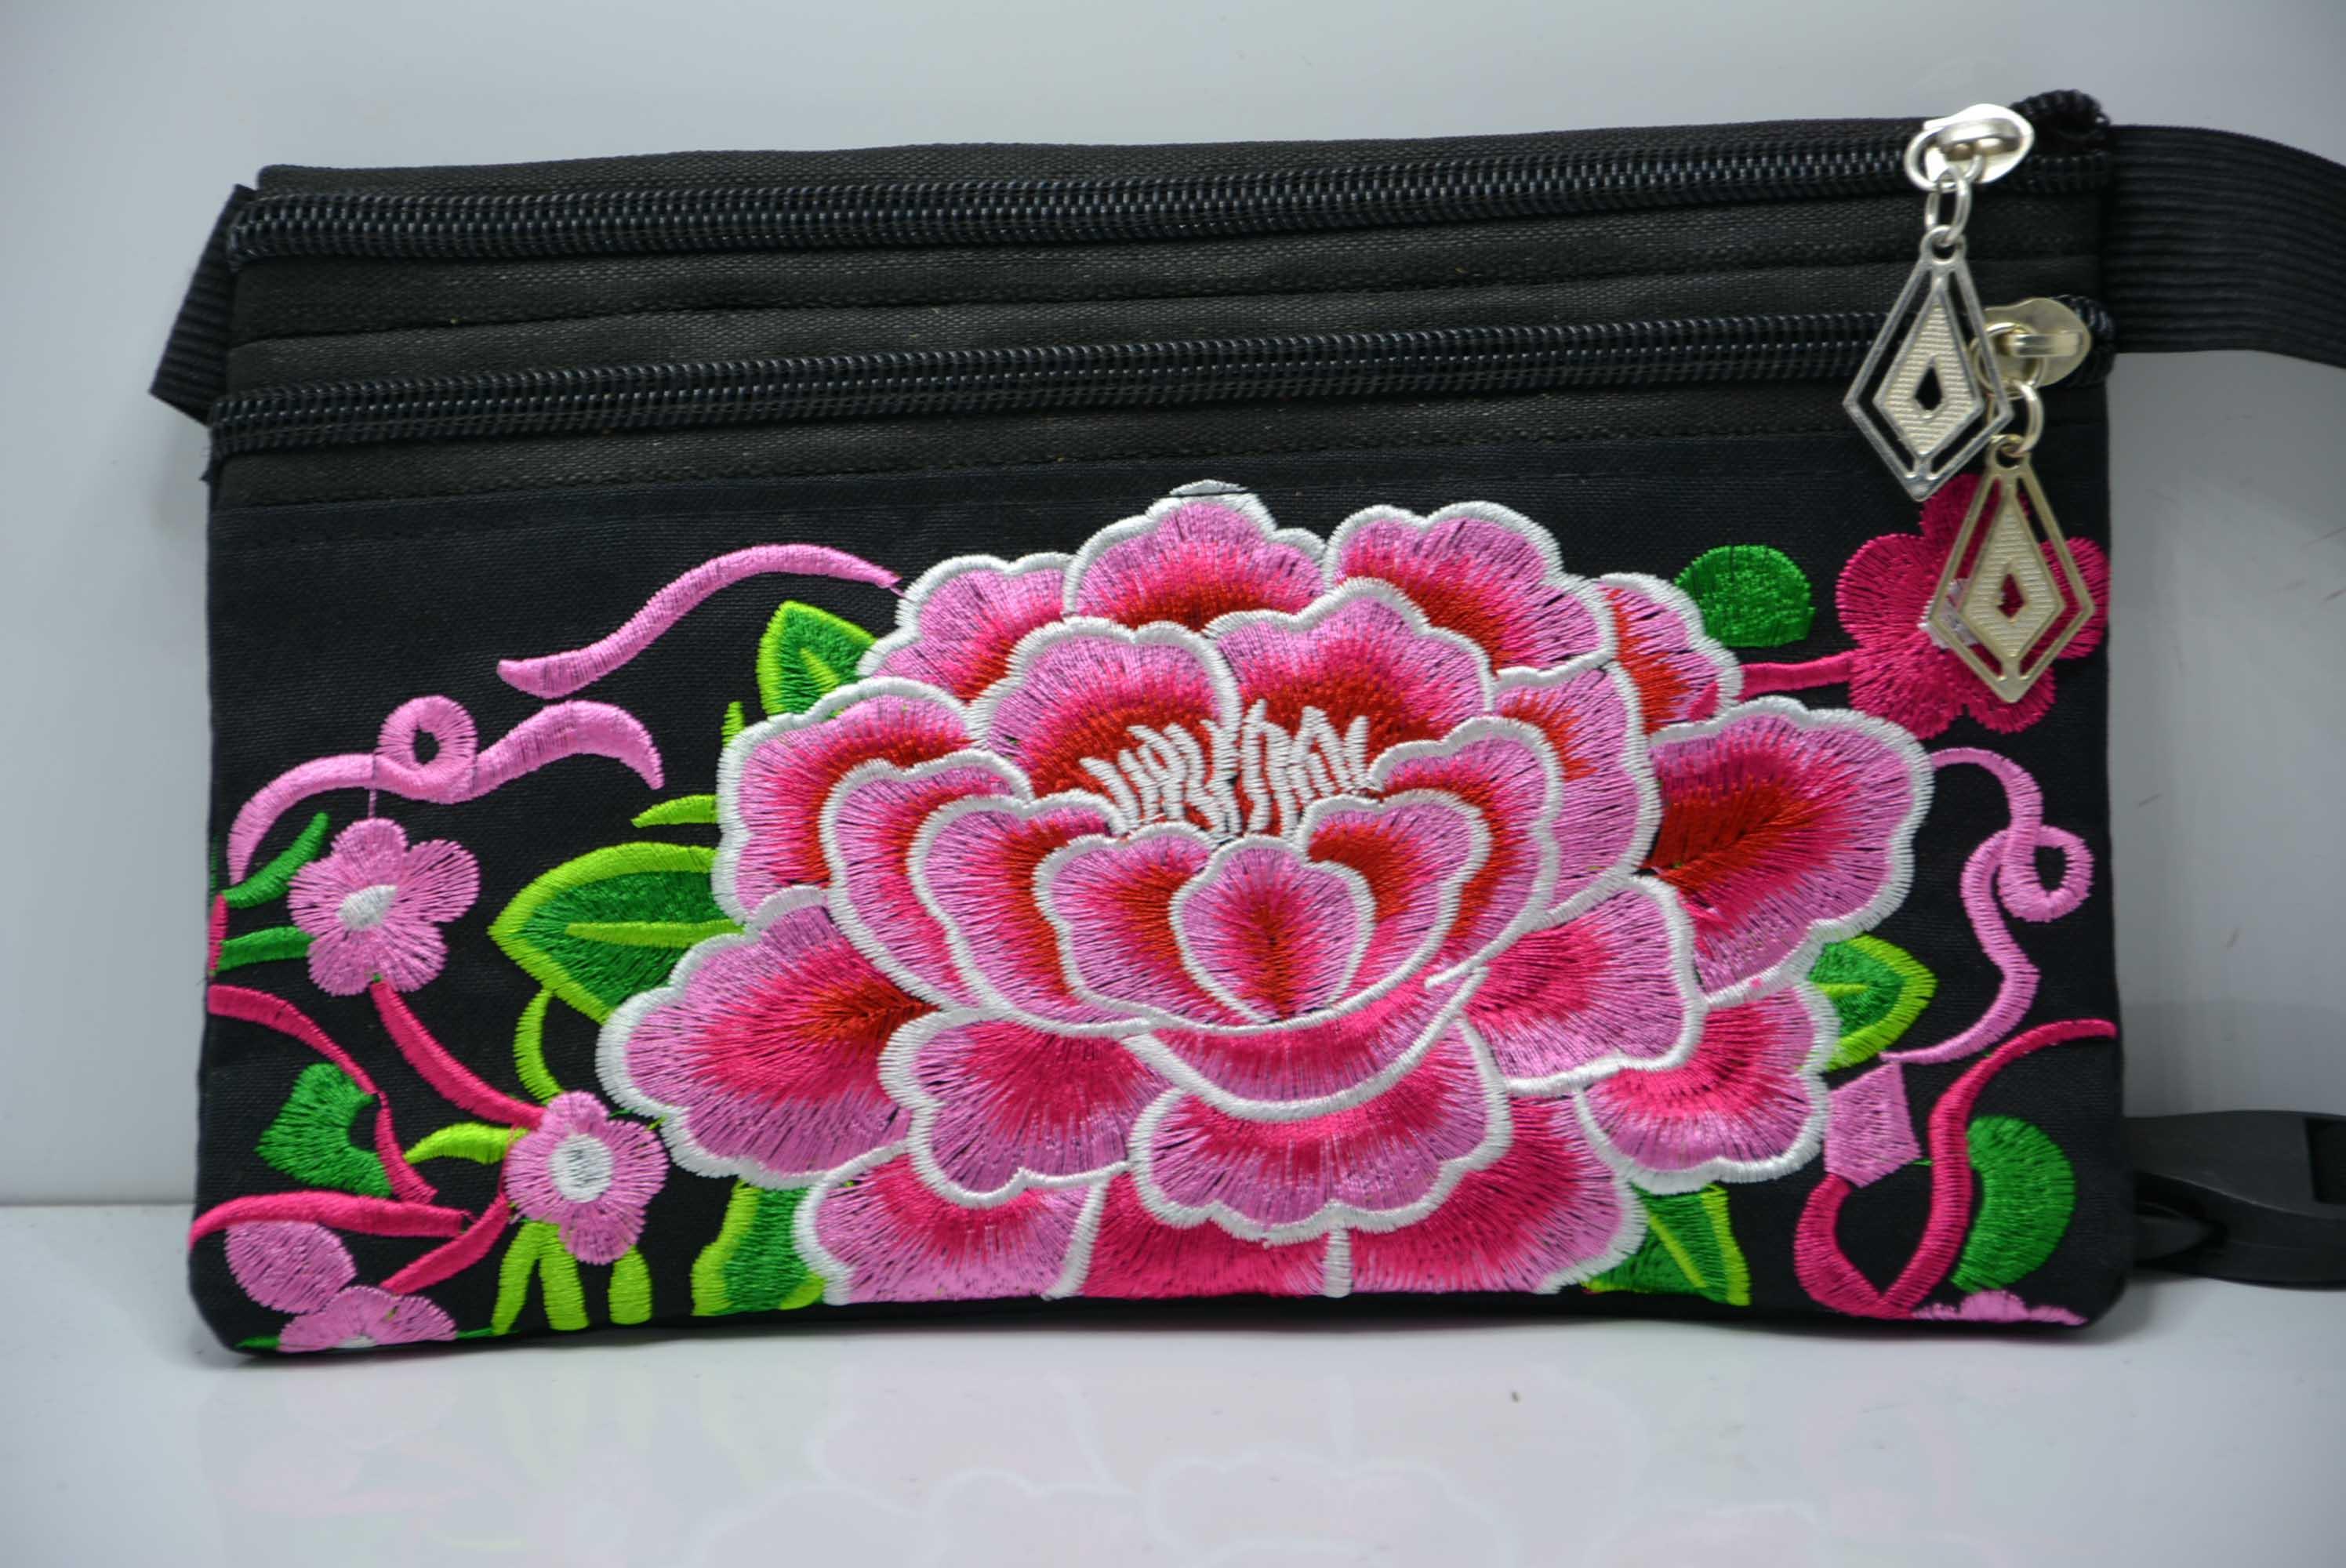 民族風繡花包刺繡帆布運動跑步臂包女戶外手機包旅行便攜貼身腰包